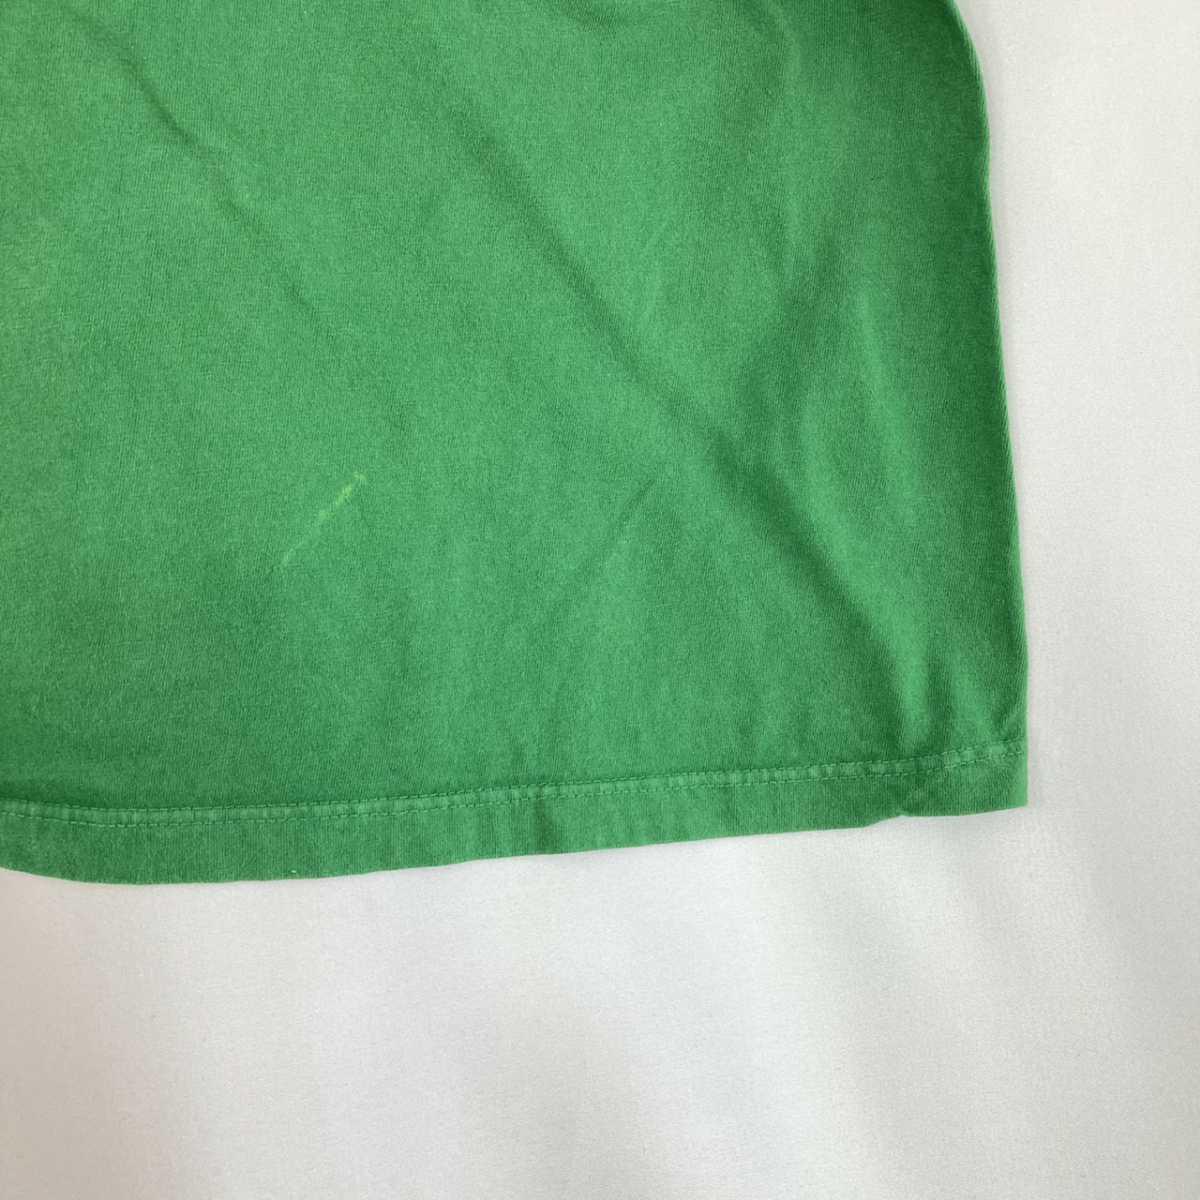 【人気カラー】ラルフローレン Tシャツ 刺繍ロゴ 緑 グリーン 古着 XXL_画像9